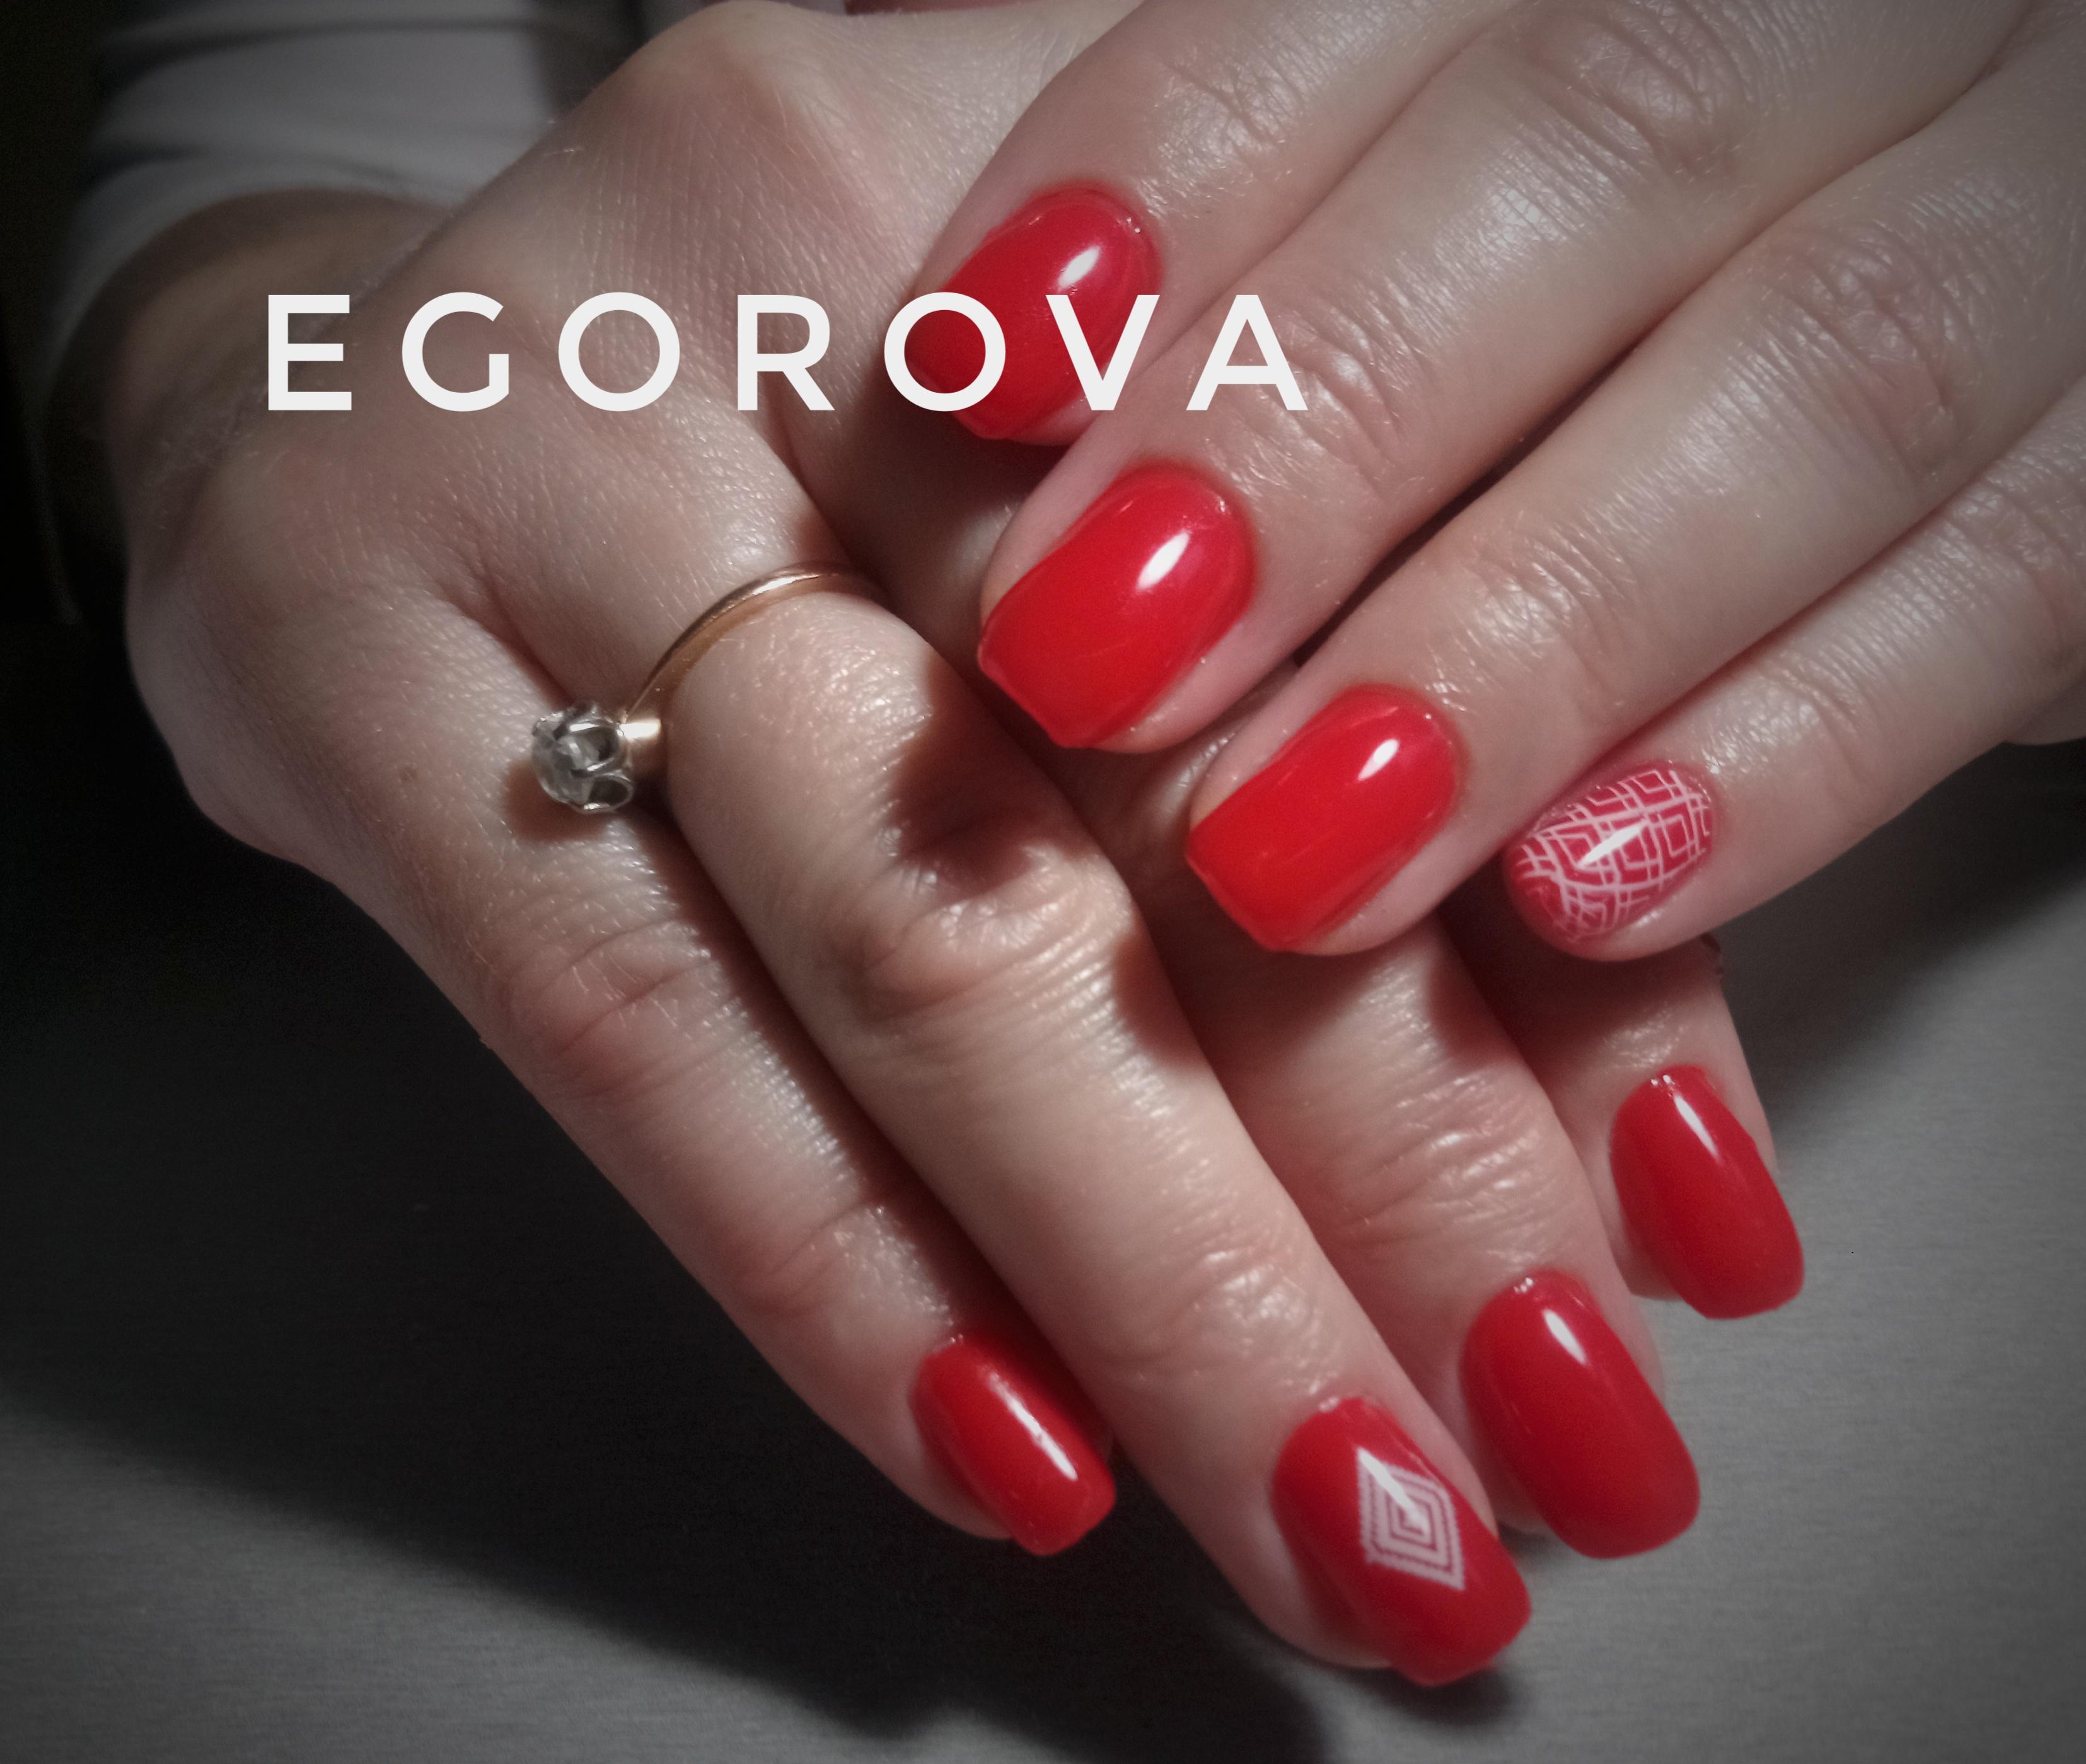 Маникюр со слайдерами в красном цвете на короткие ногти.